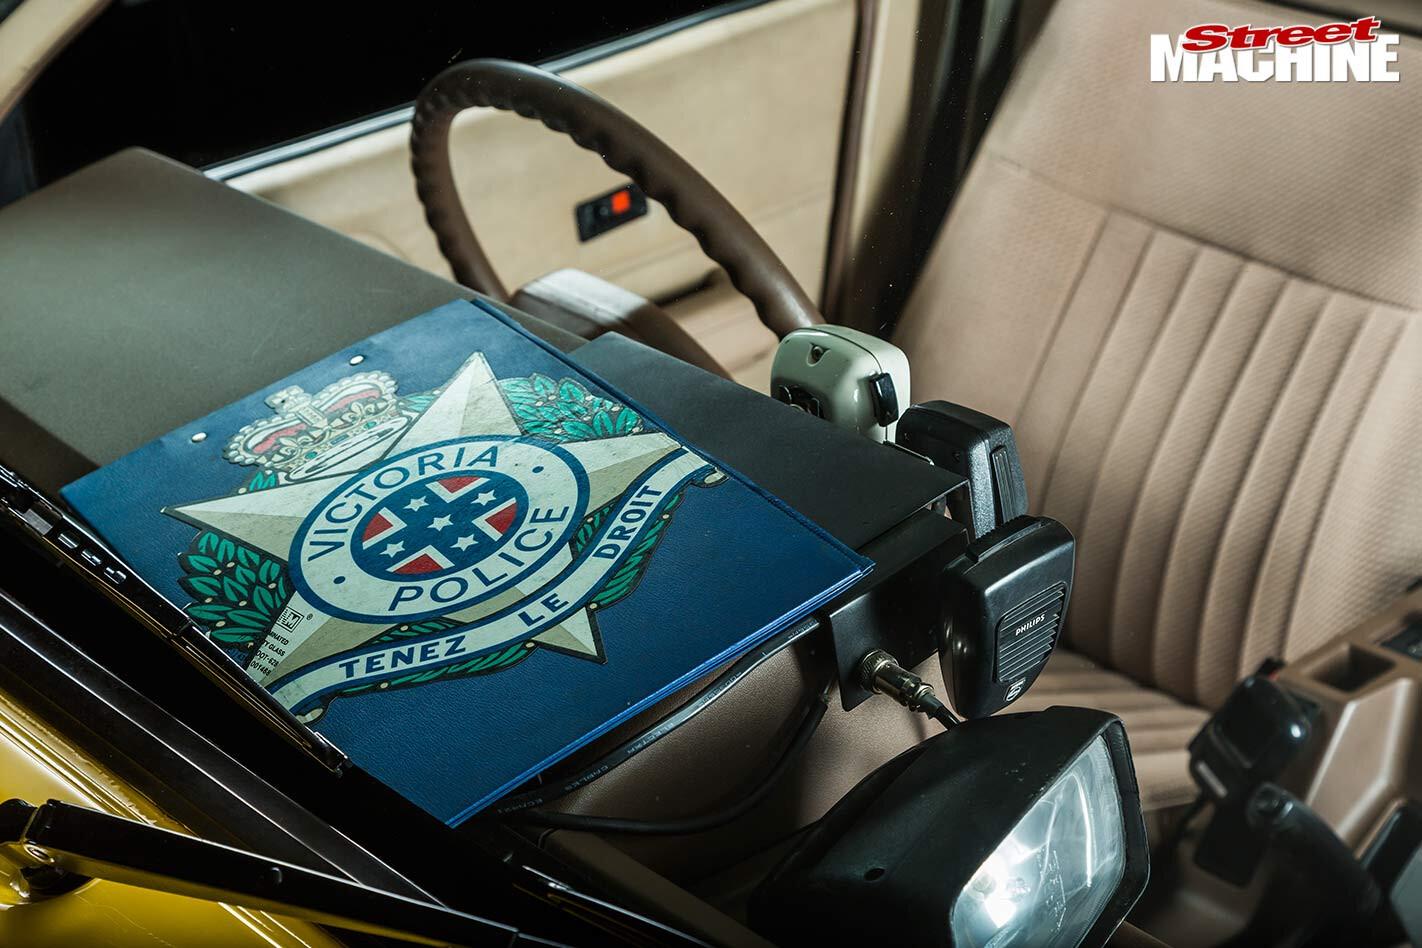 Victoria Police clipboard